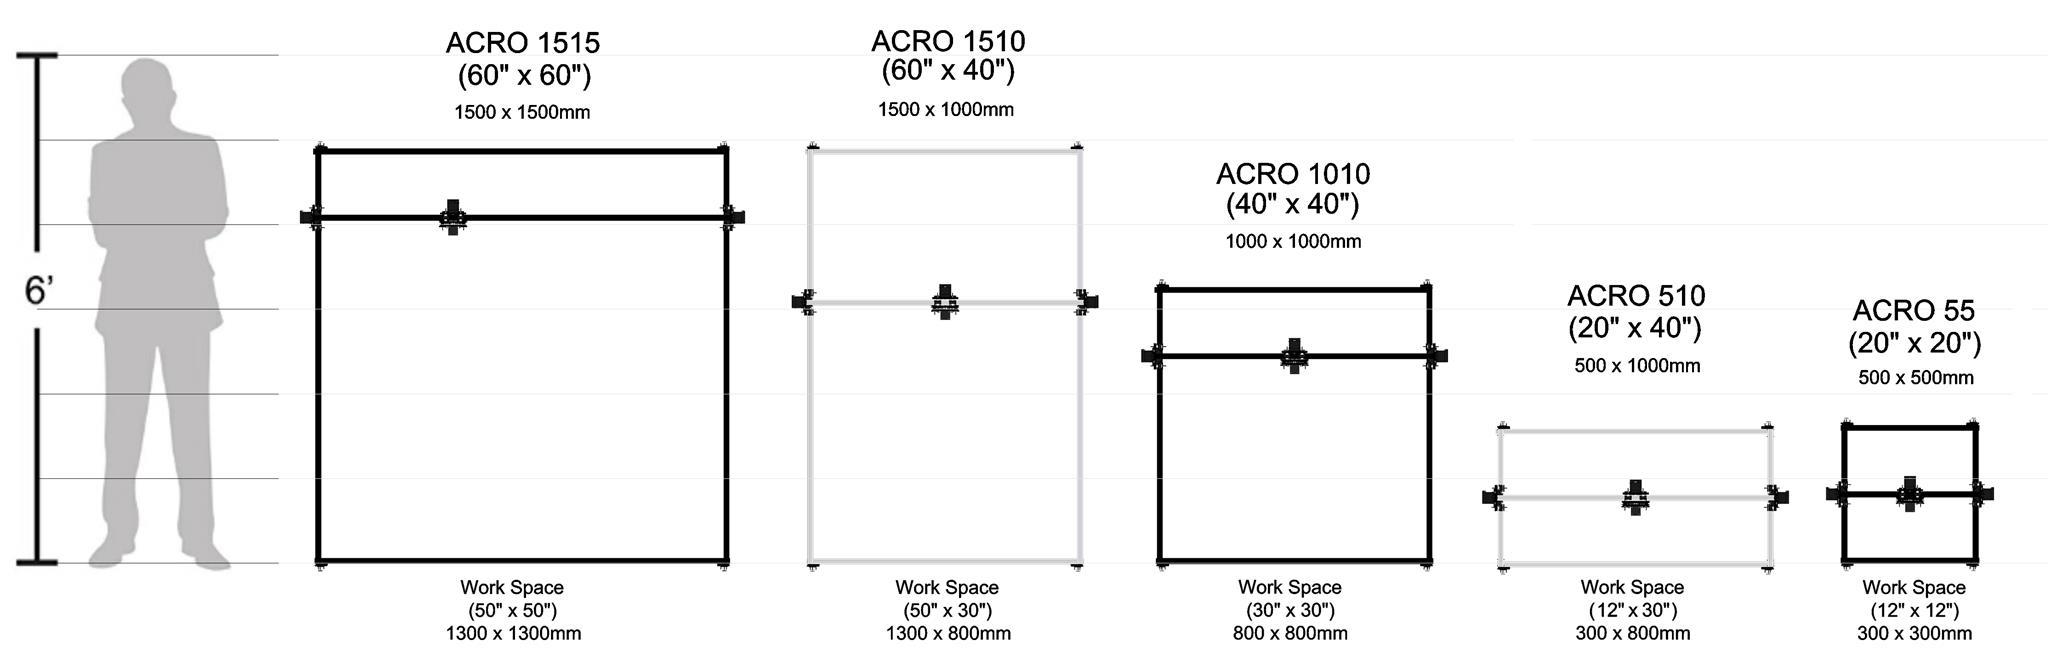 openbuilds-acro-laser-v2-64-sizes.png